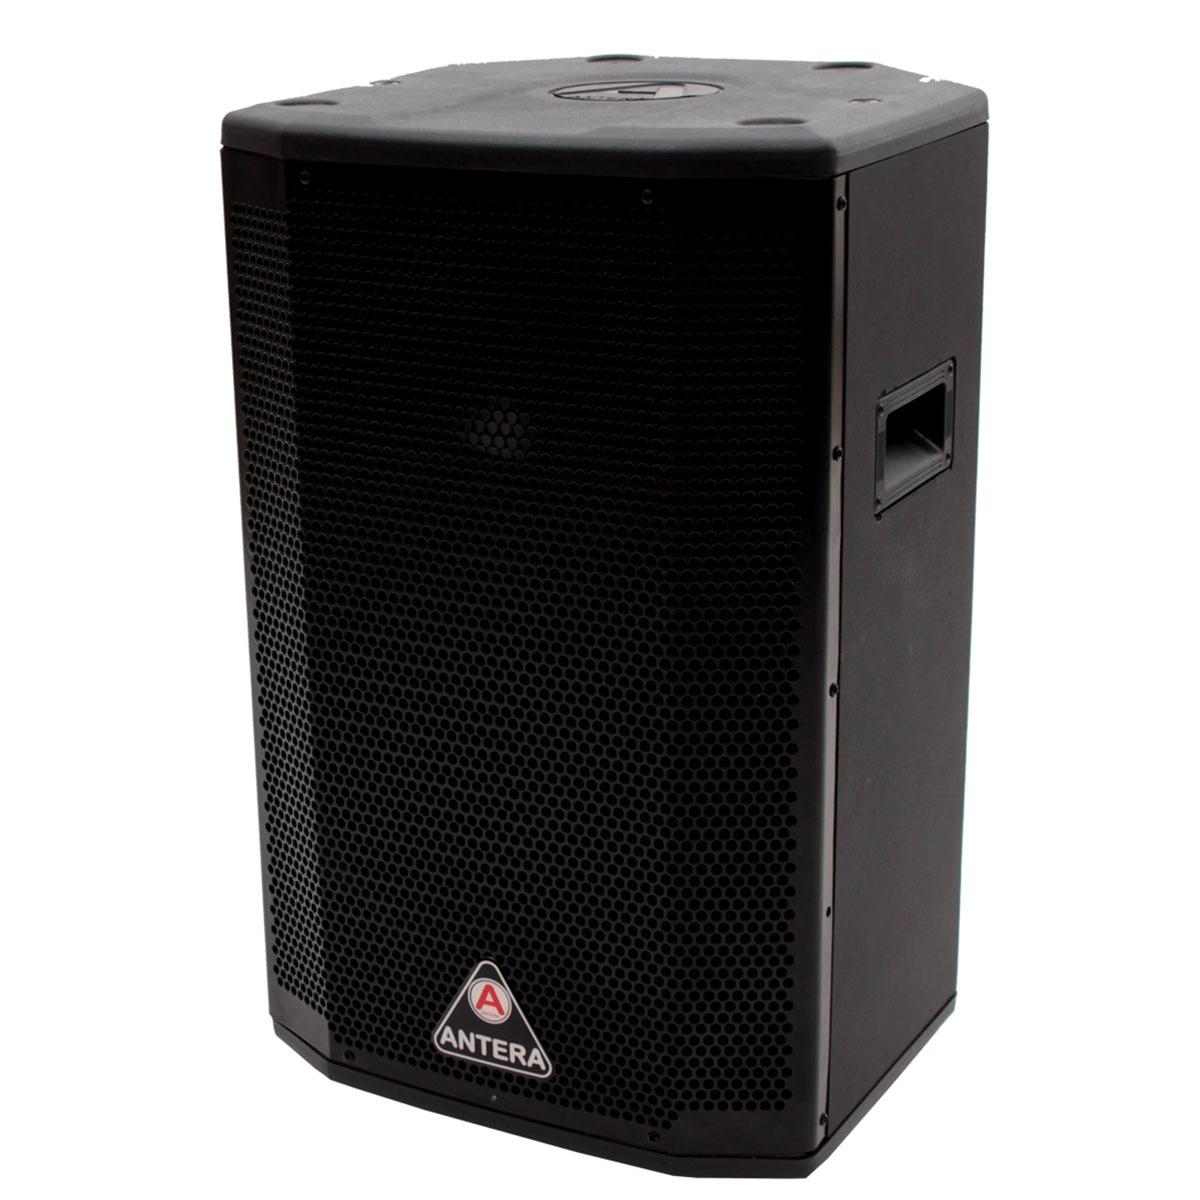 Caixa Ativa 200W c/ Bluetooth e USB SC 15 A Preta - Antera